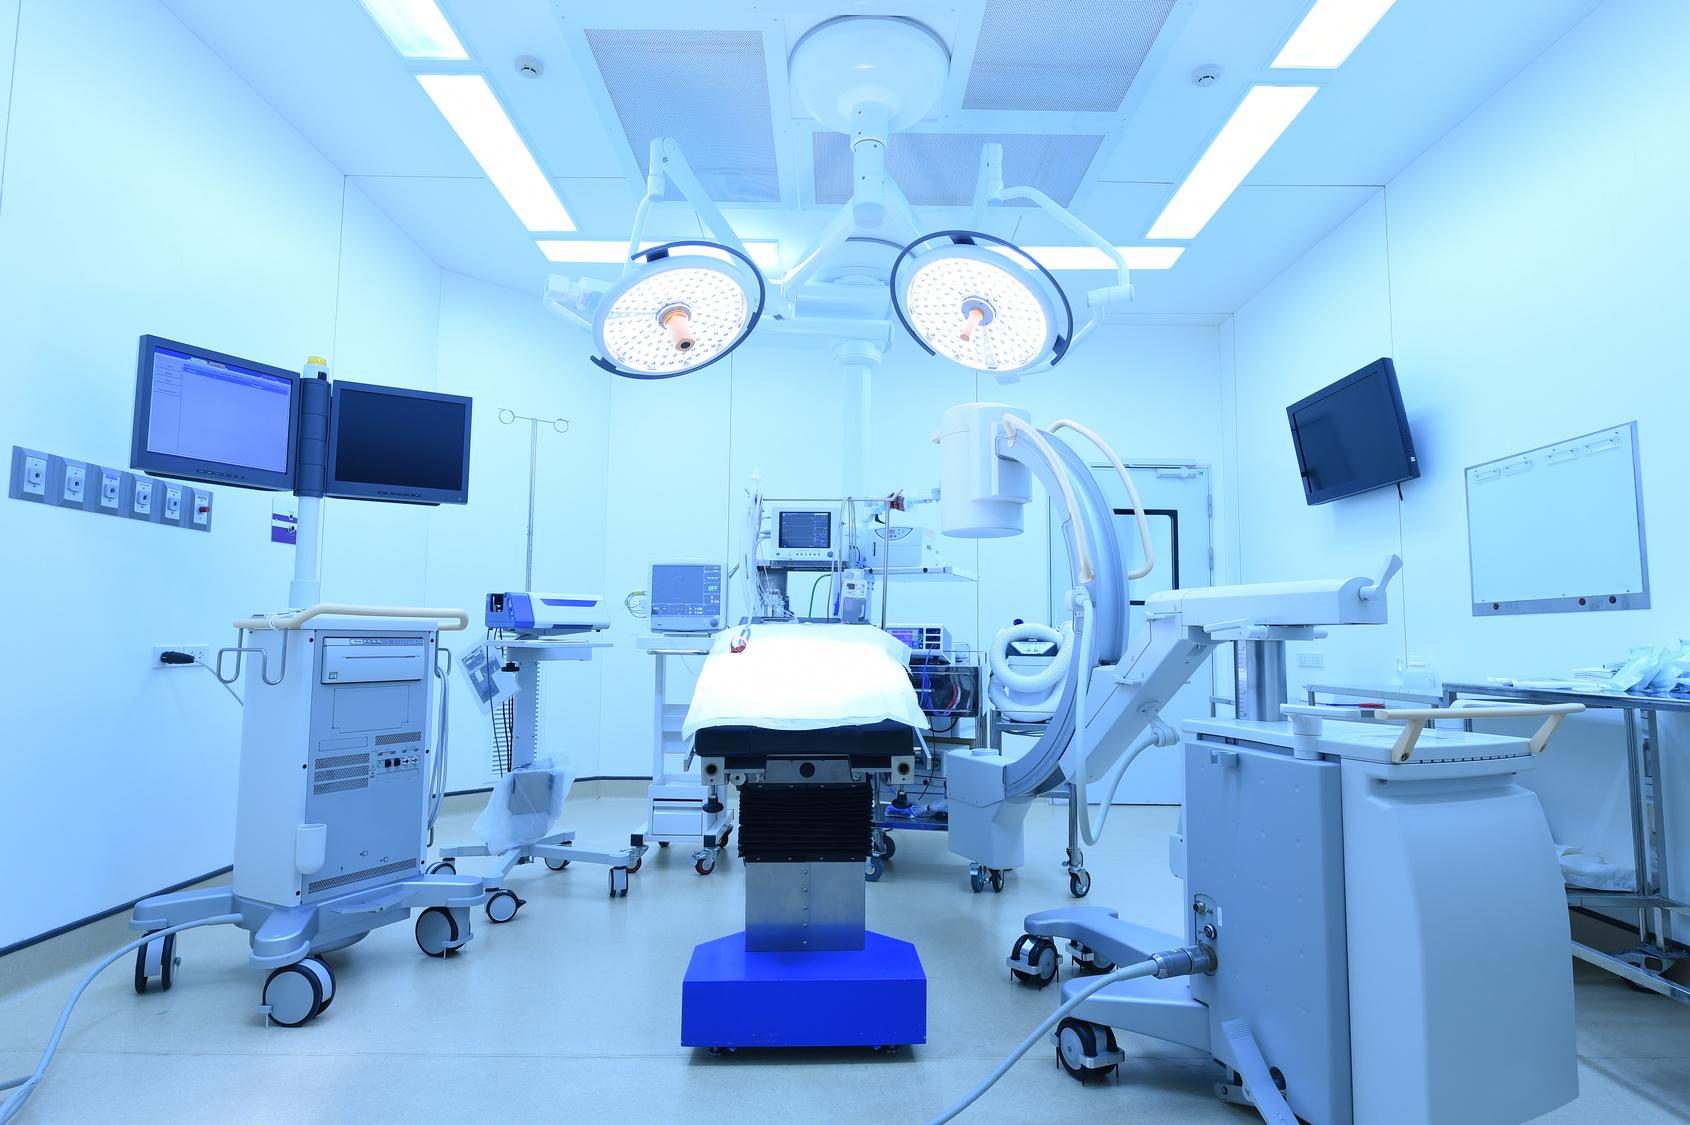 名医は腹部大動脈瘤に対し負担の少ない血管内治療を選択する